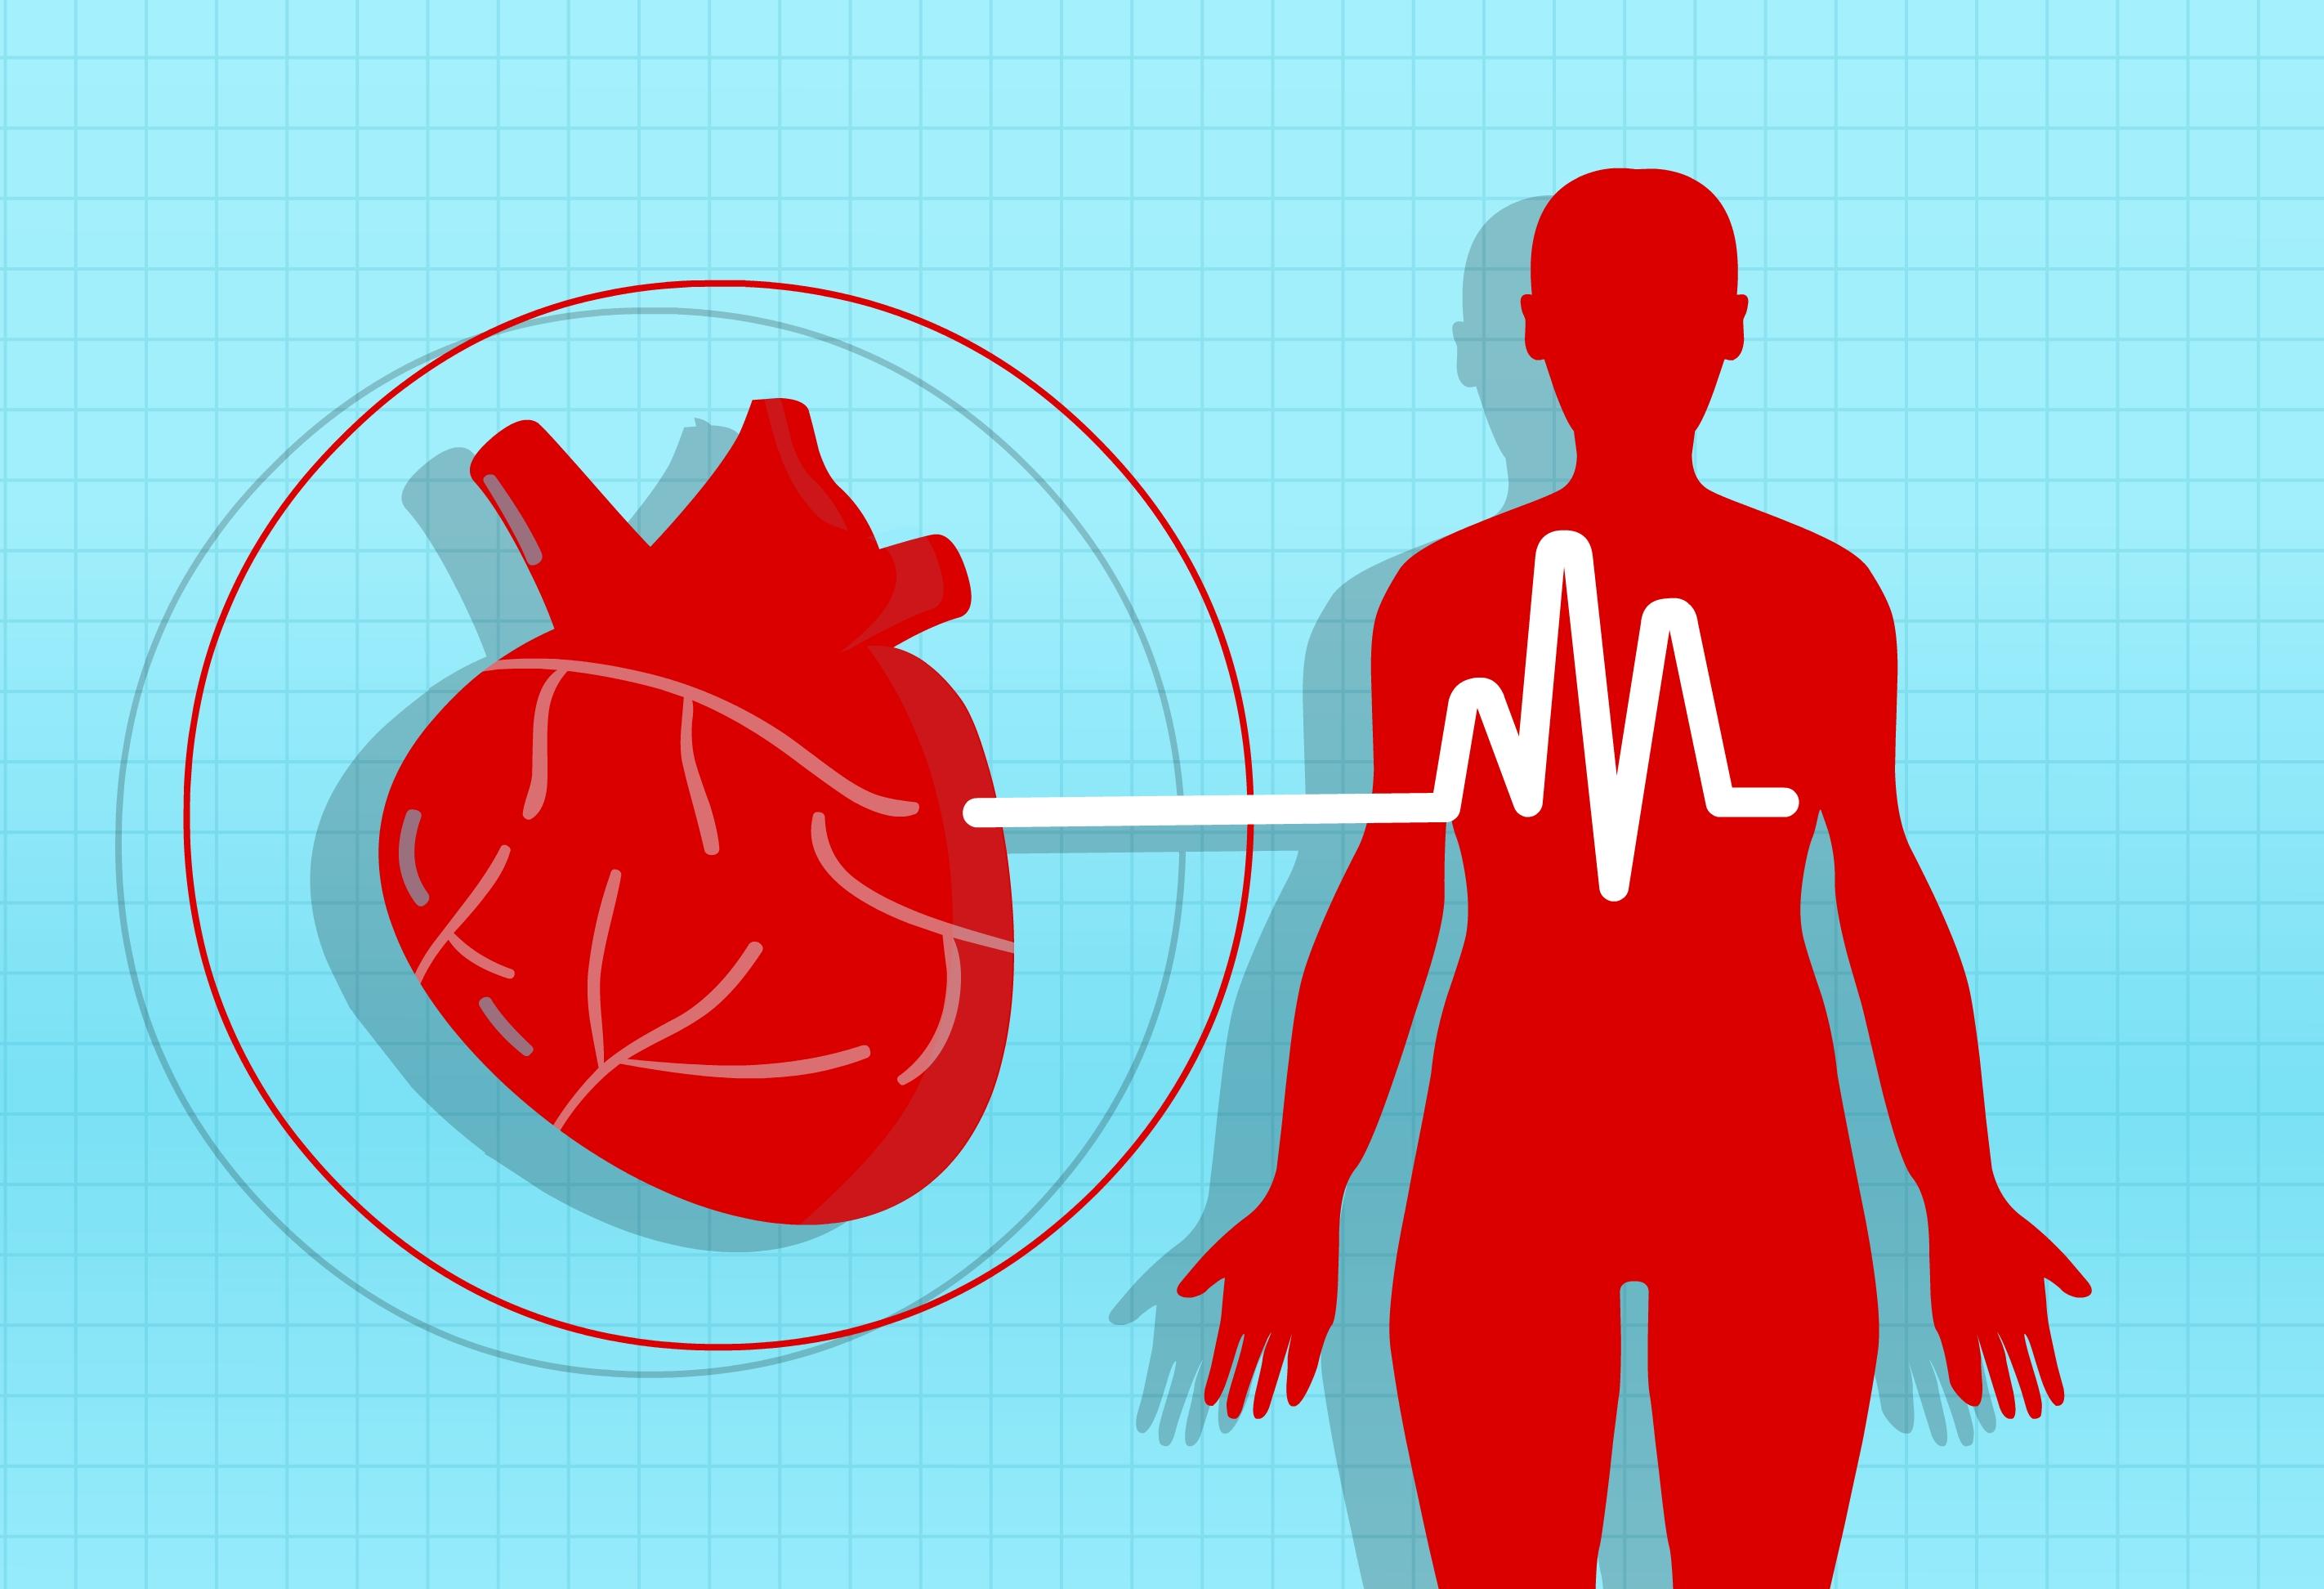 Разница в артериальном давлении, измеренном на разных руках, связана с повышенным сердечно-сосудистым риском